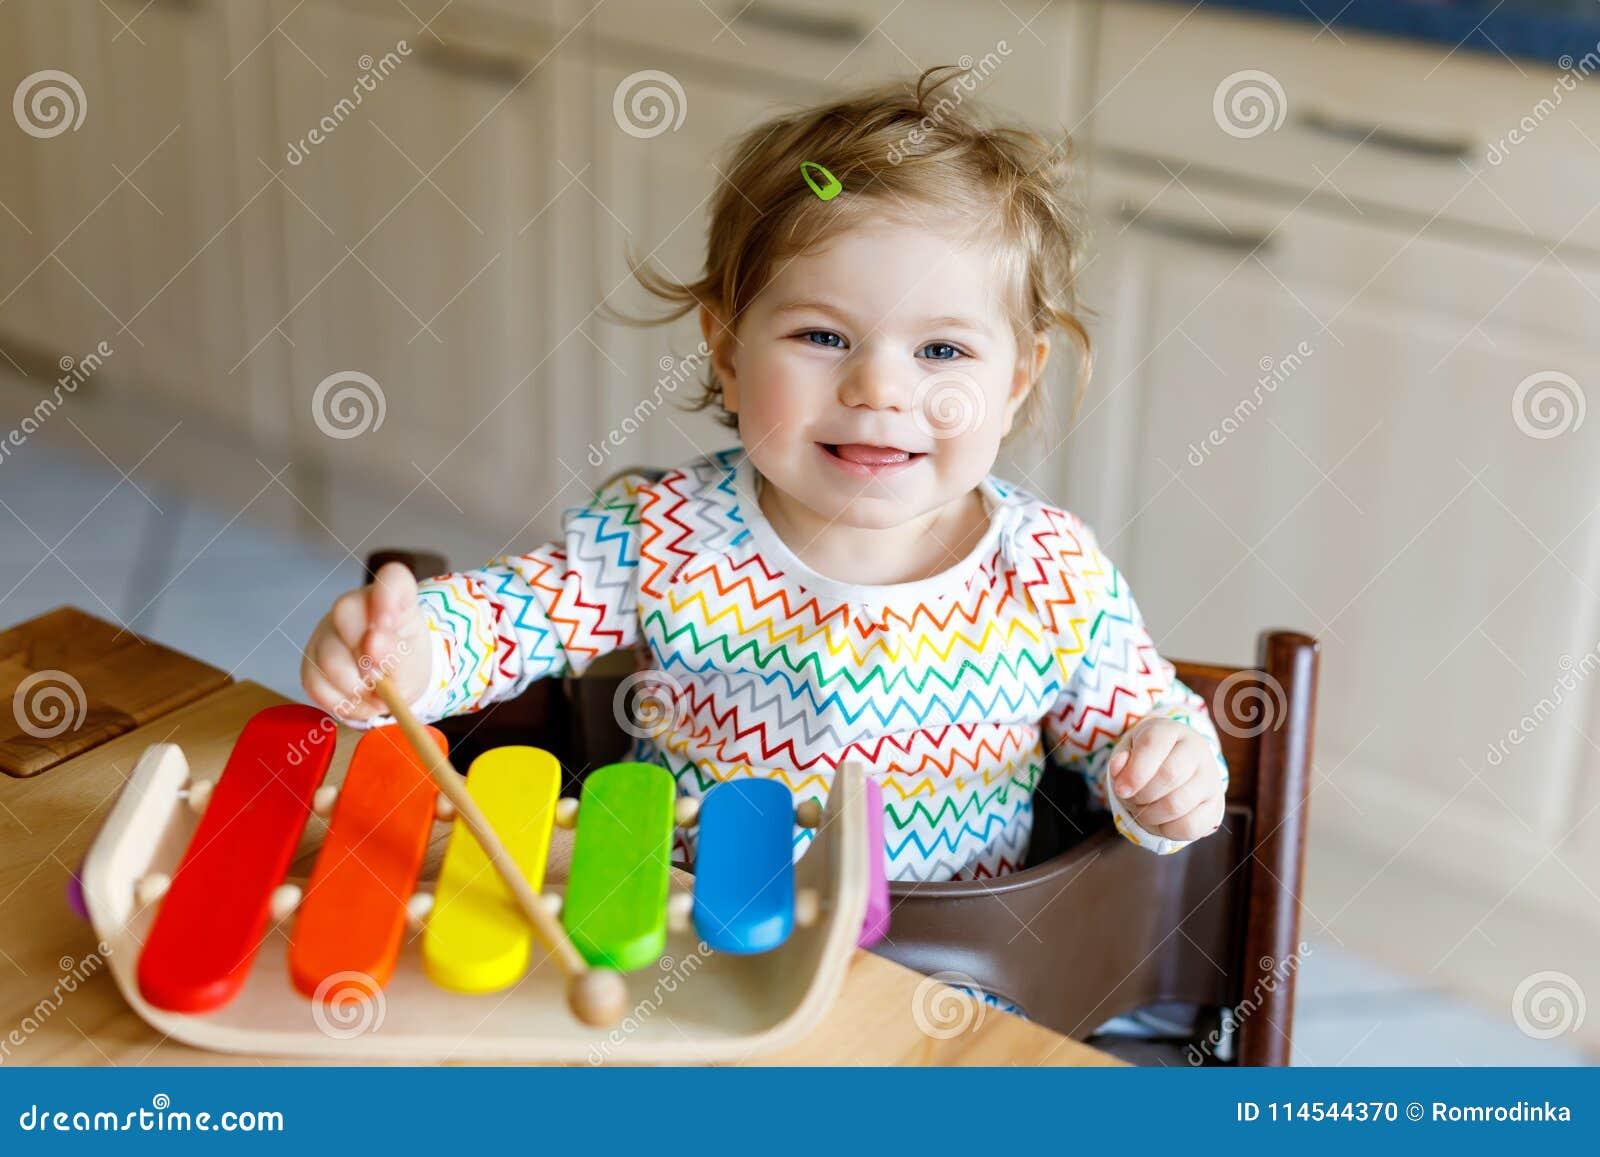 Urocza śliczna piękna mała dziewczynka bawić się z edukacyjną drewnianą muzyką bawi się w domu lub pepiniera